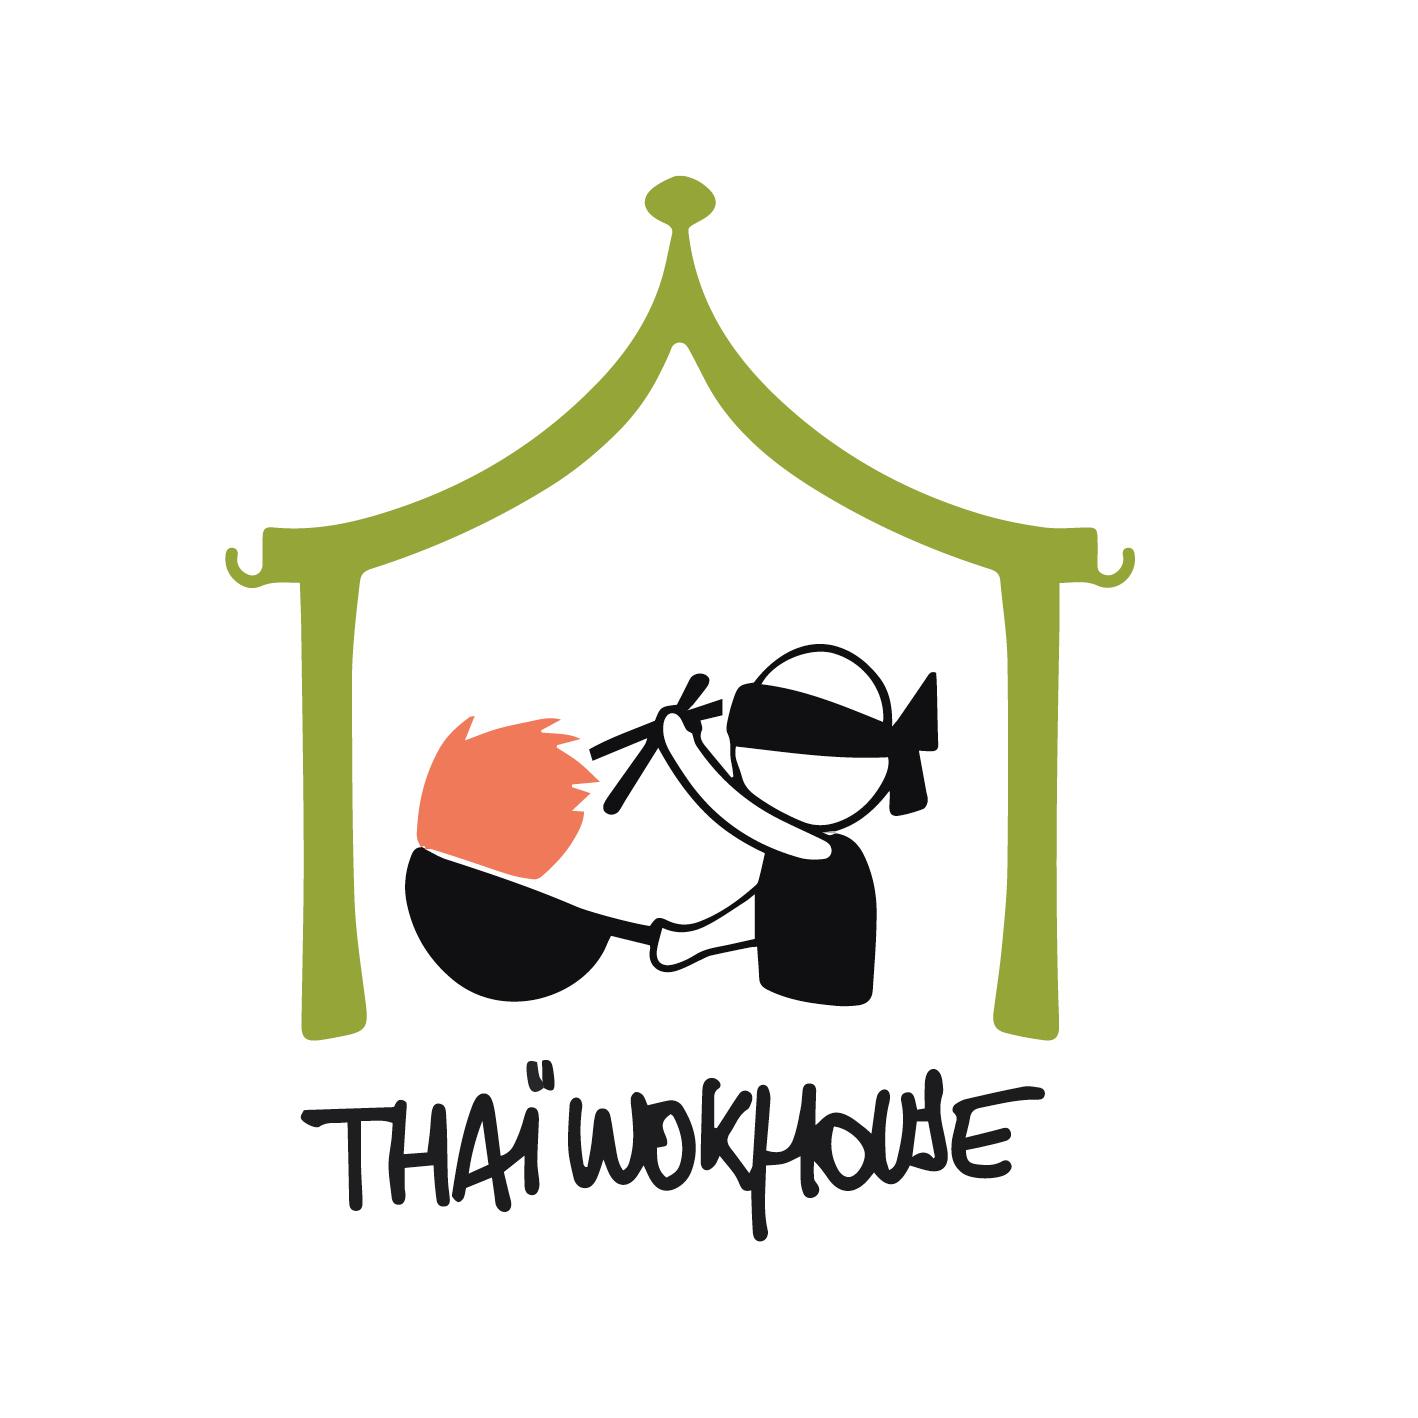 THAI WOKE HOUSE